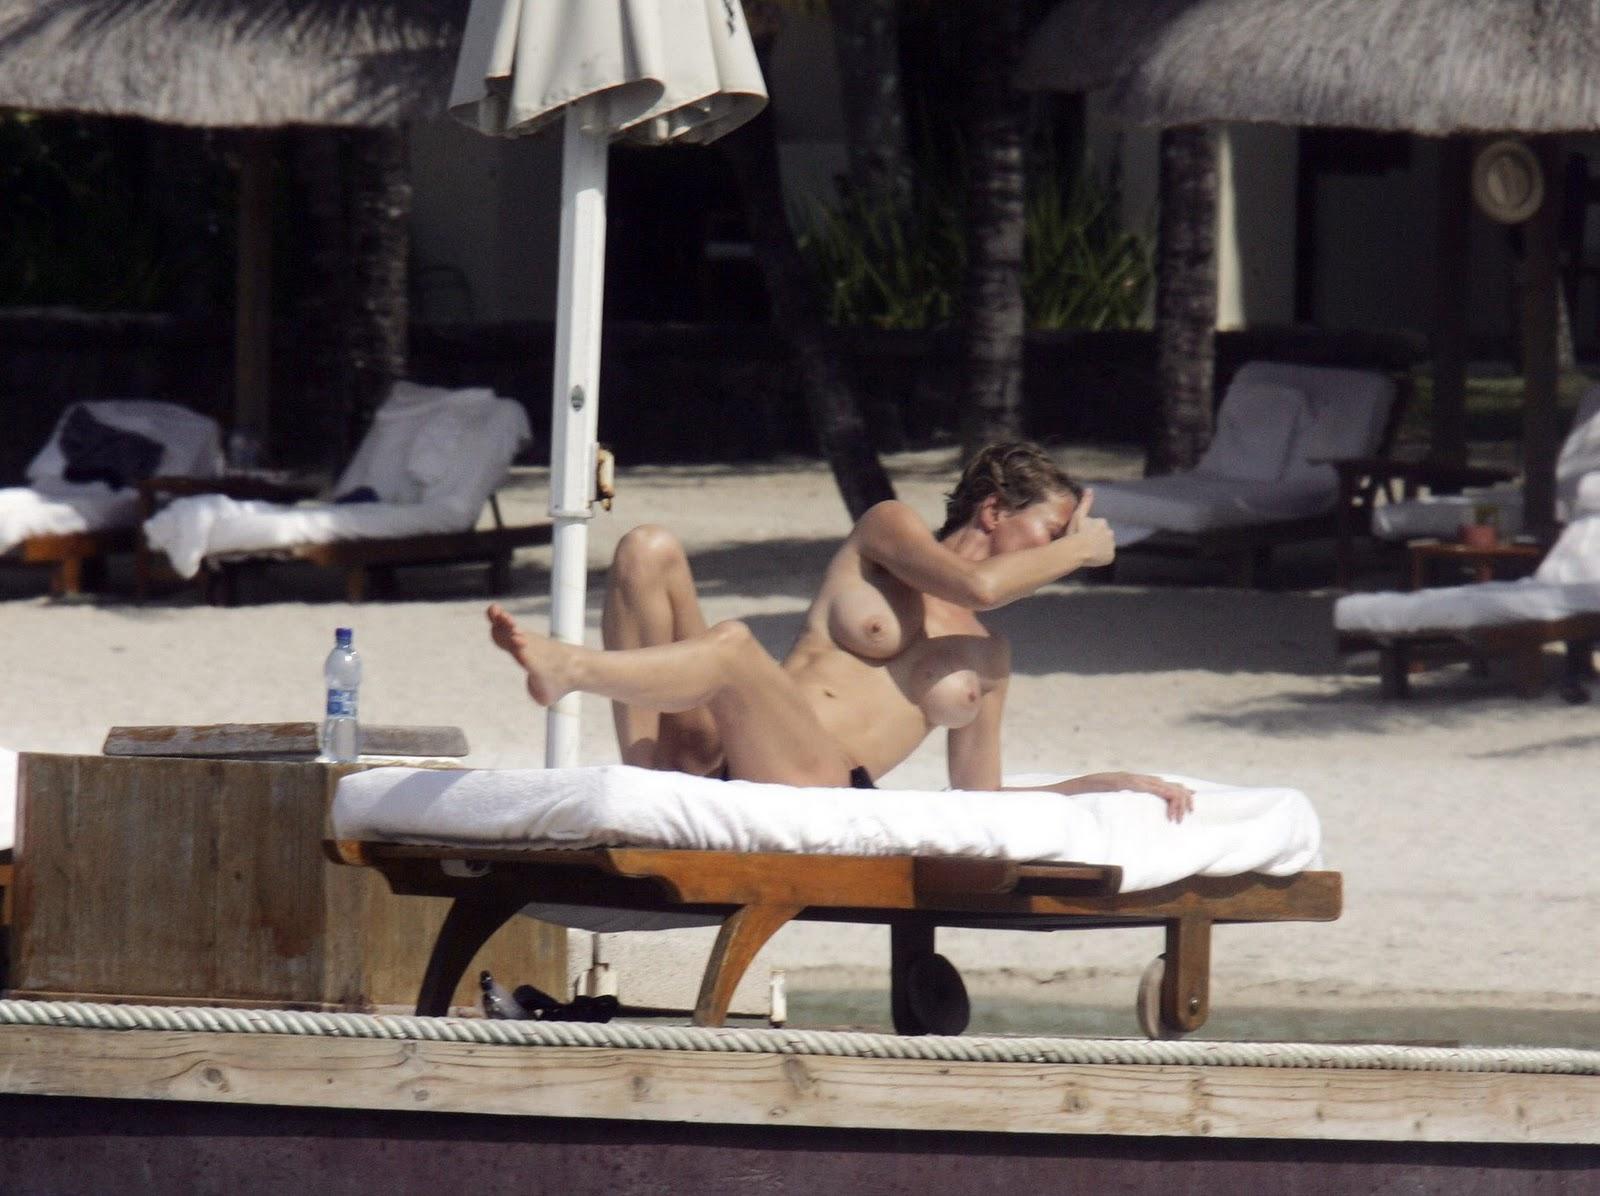 http://4.bp.blogspot.com/-9VMwr3NFbxo/TyjJbNl2bDI/AAAAAAAACuQ/zHT-VRftR-g/s1600/Karen+Mulder+Topless+Bikini+Candid+Beach+Photos+In+Mauritius+www.GutterUncensored.com+002.jpg